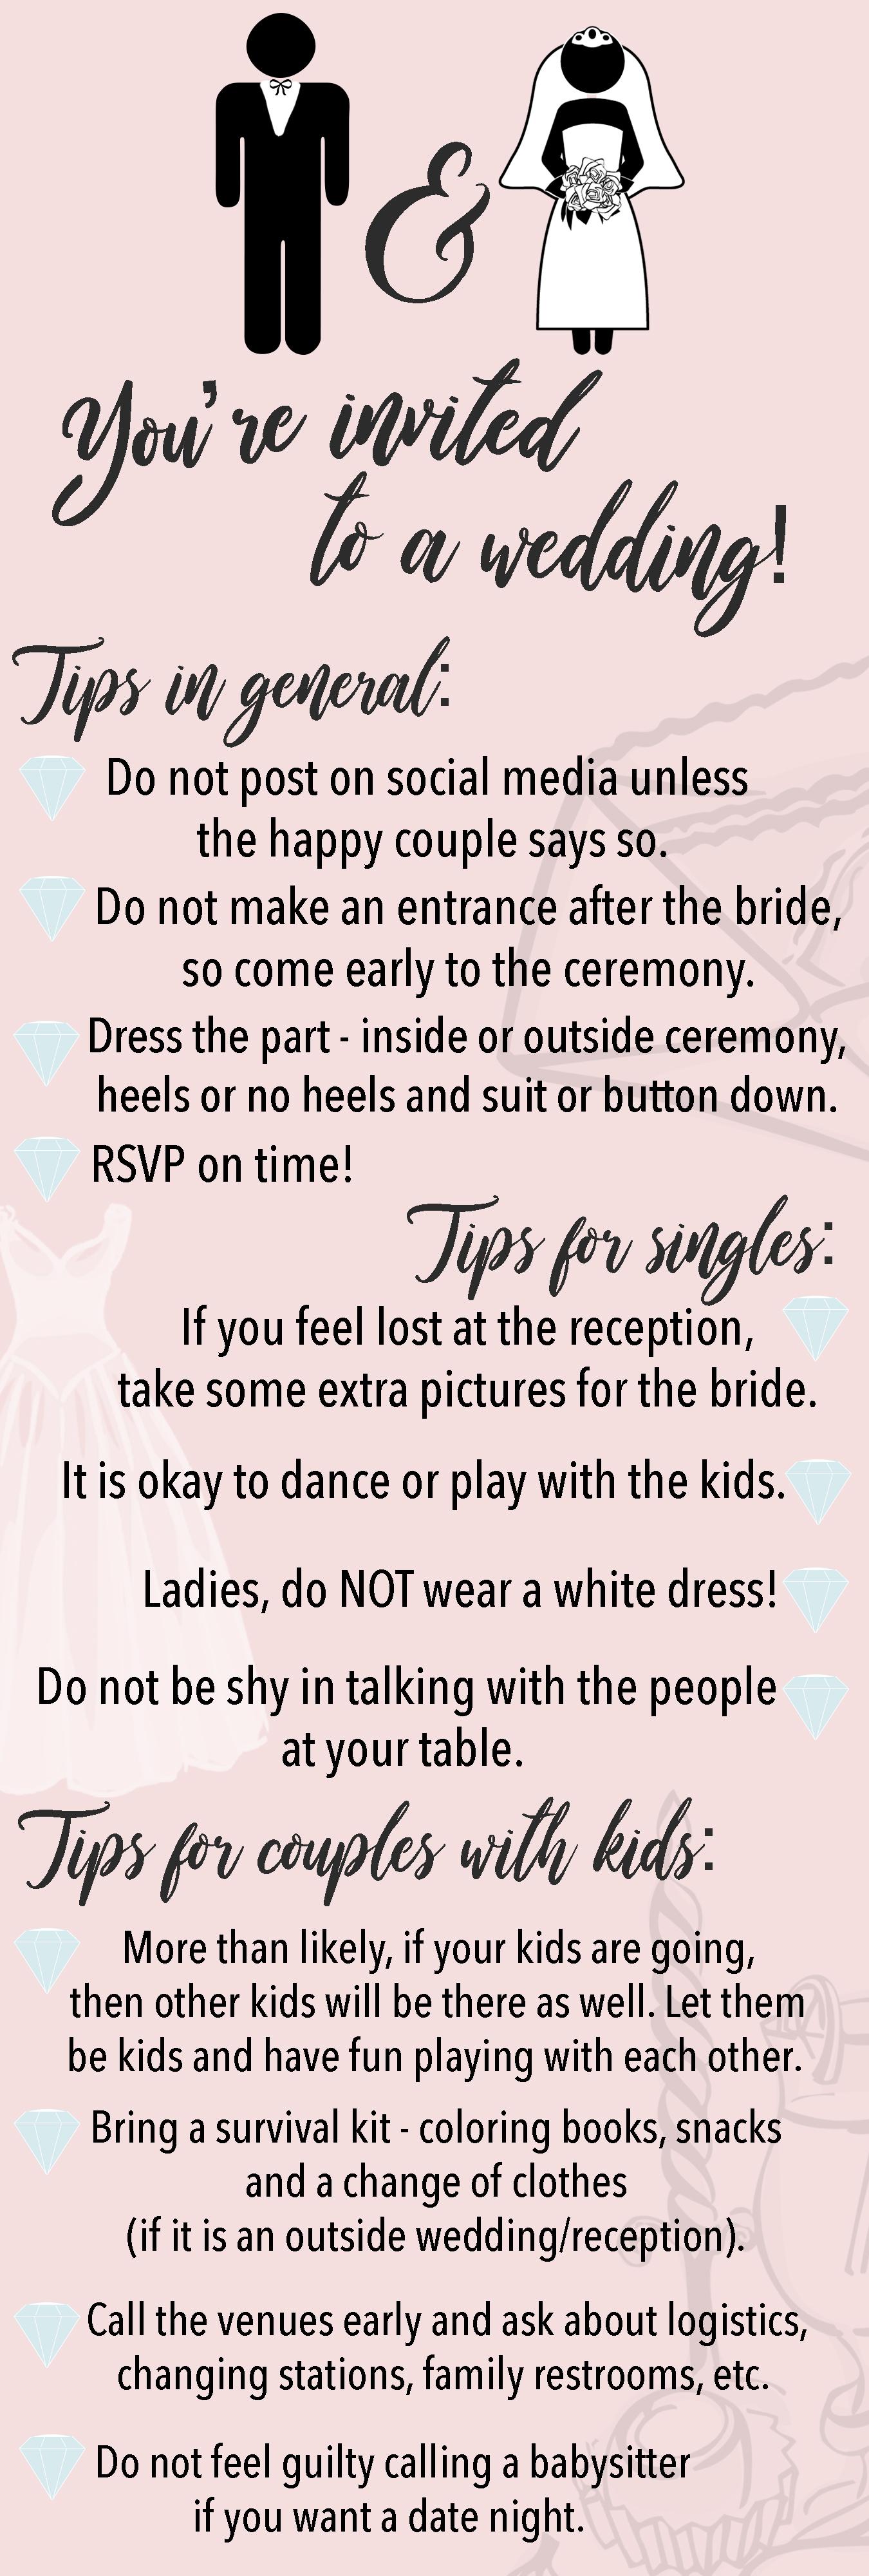 infographic_weddingguide - practicum.jpg